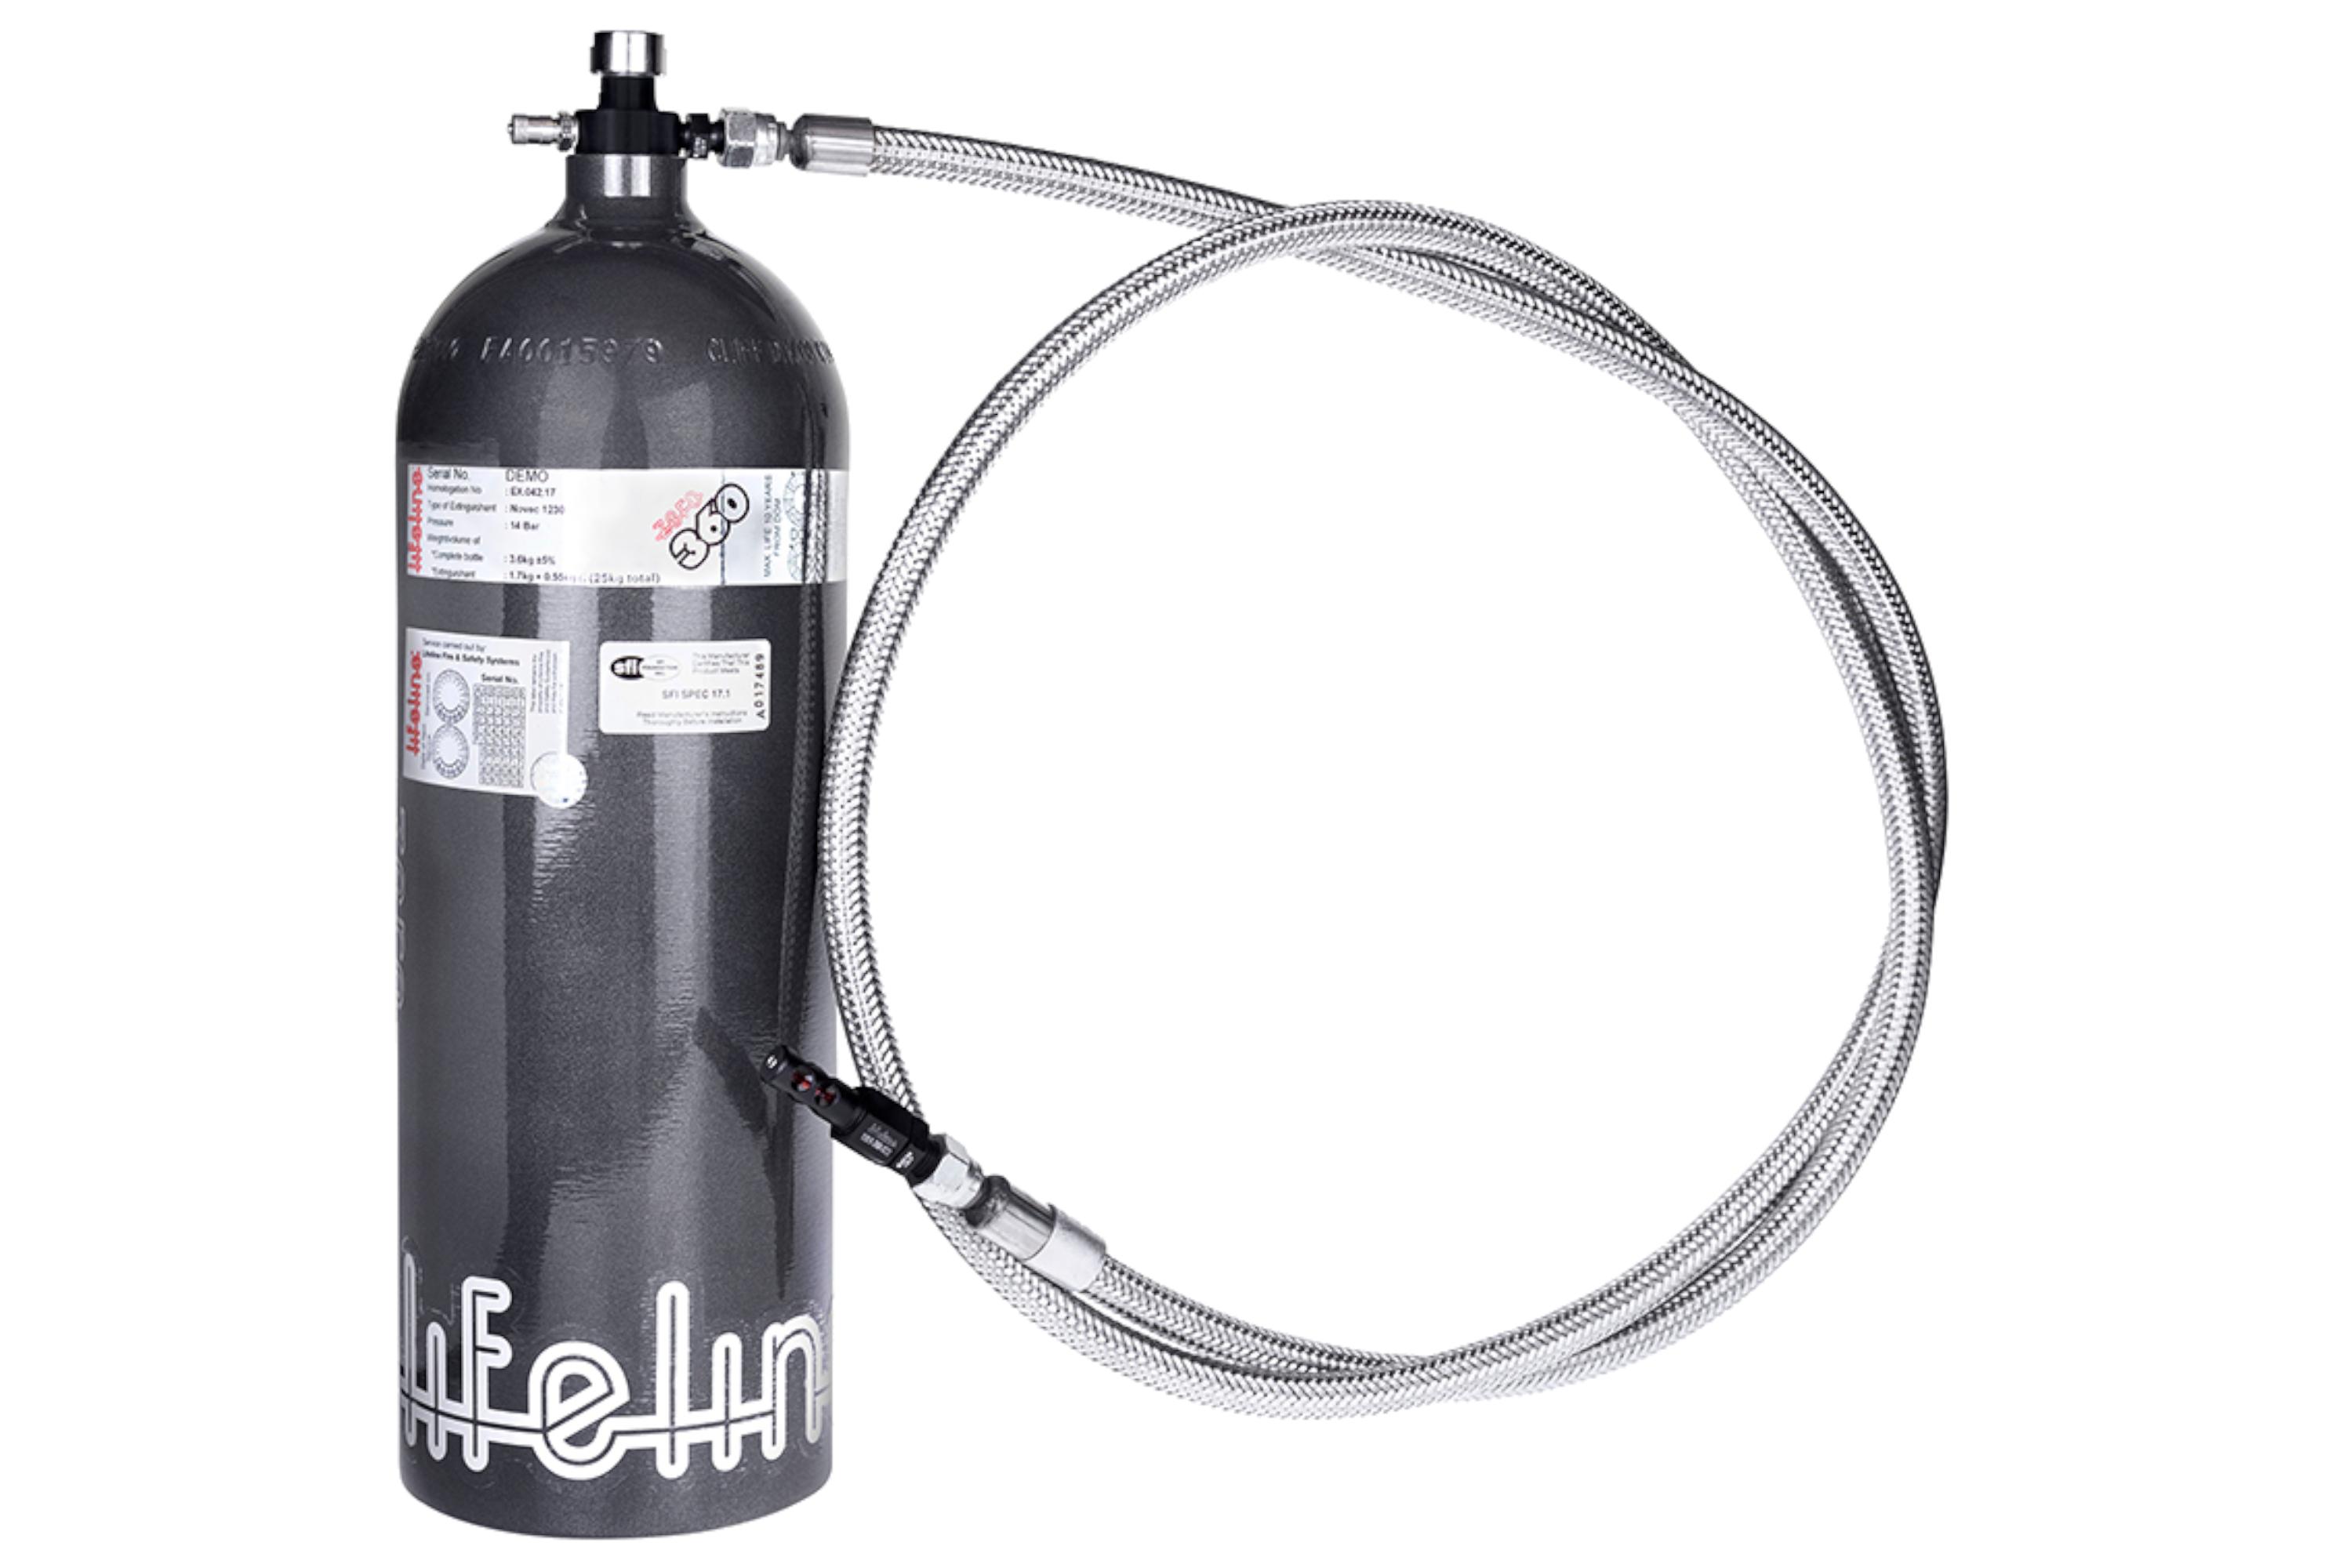 10lbs Automatic SFI Fire Bottle